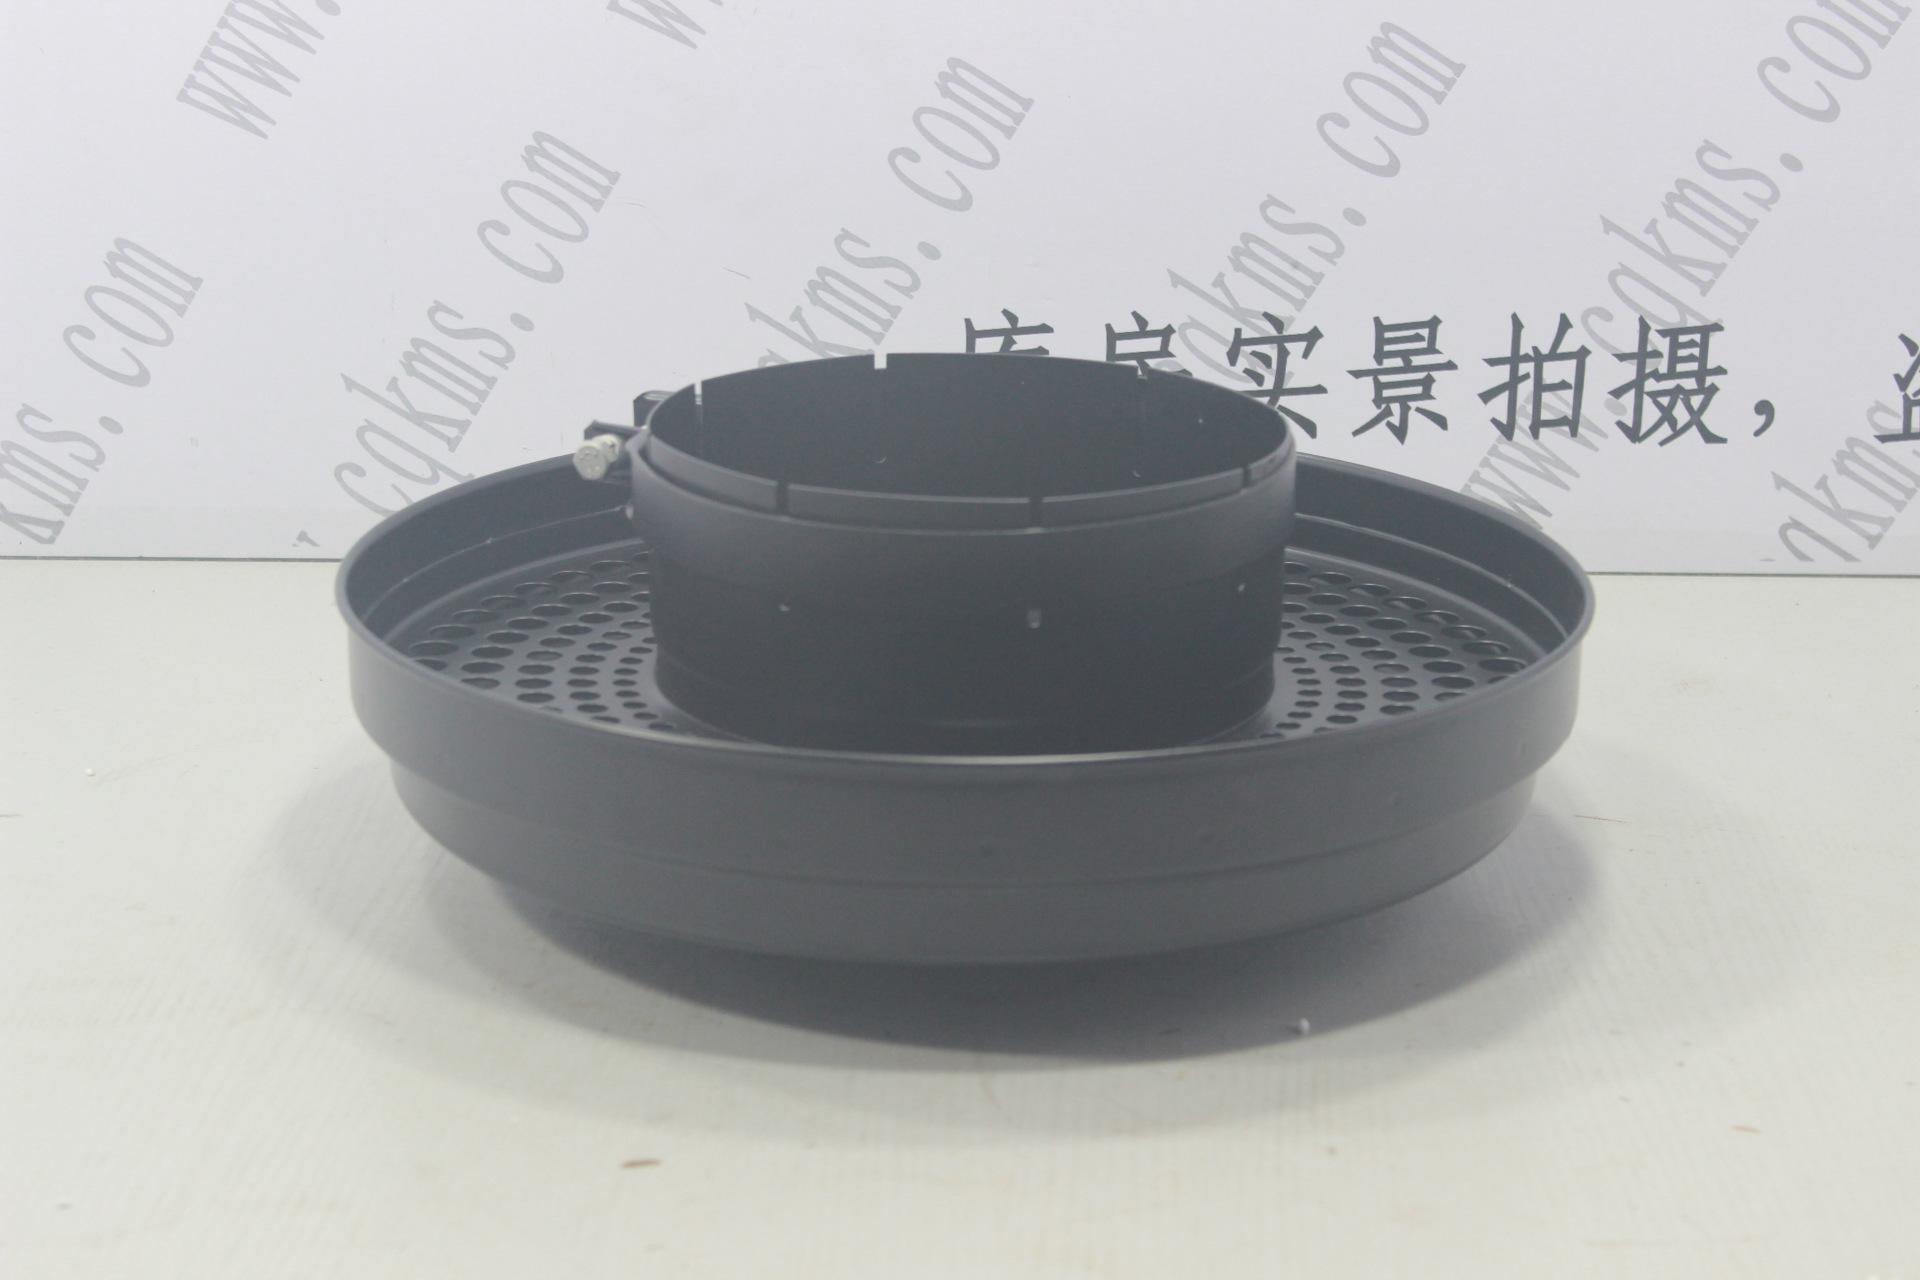 kms01474-3017003-空气滤清器盖图片2